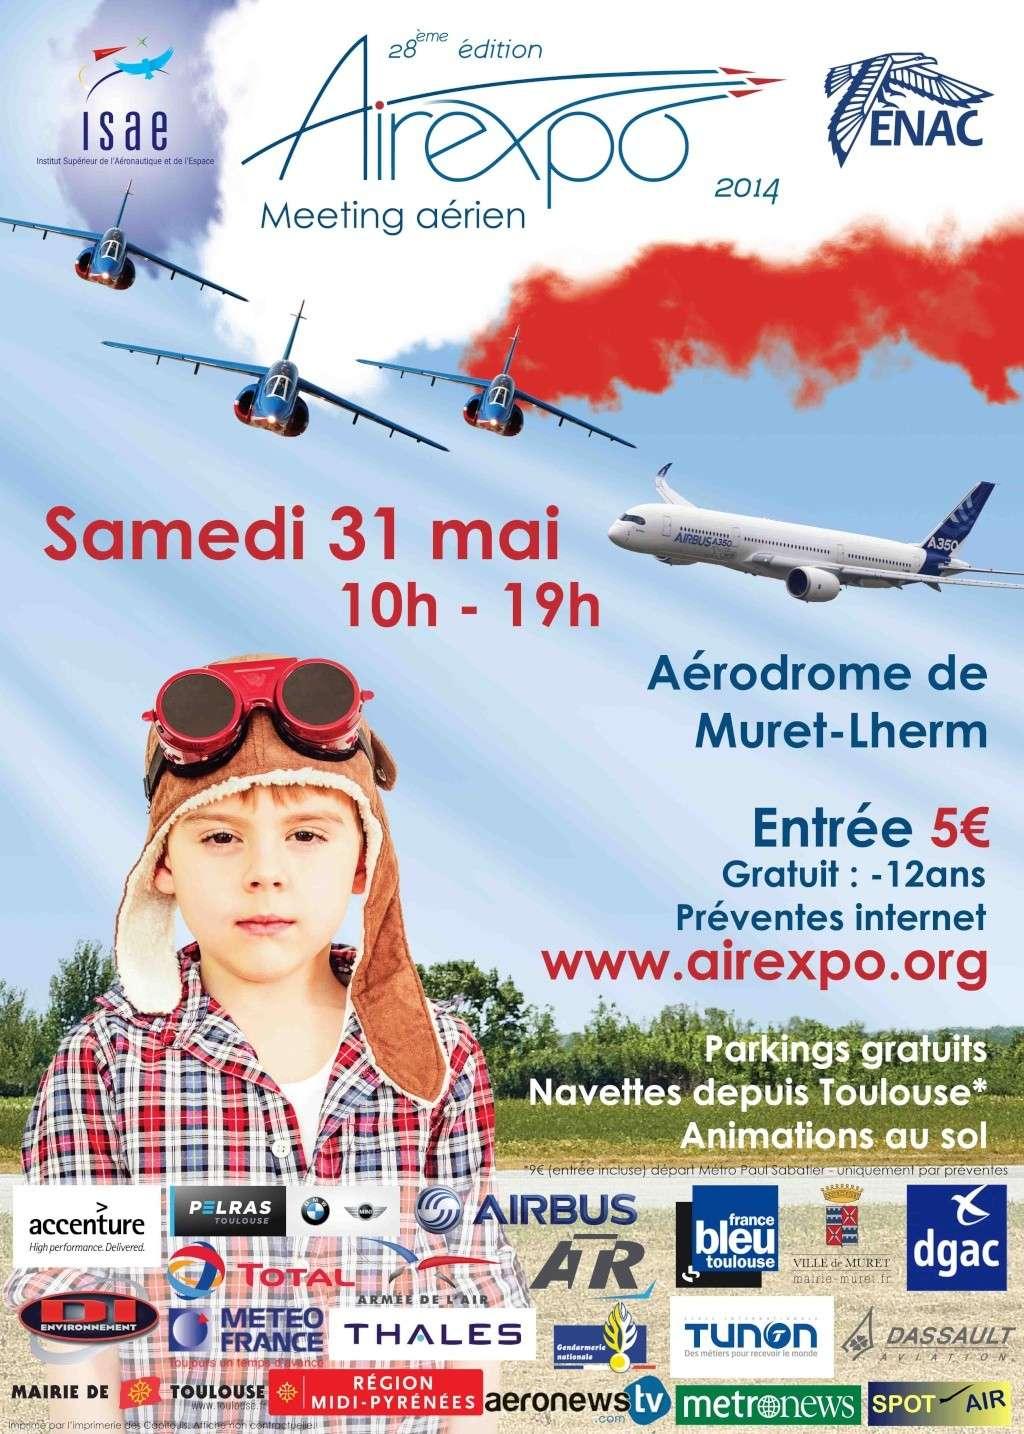 Airexpo 2014,'aérodrome de Muret-Lherm 2014 , Meeting Aerien 2014,Manifestation Aerienne 2014, French Airshow 2014